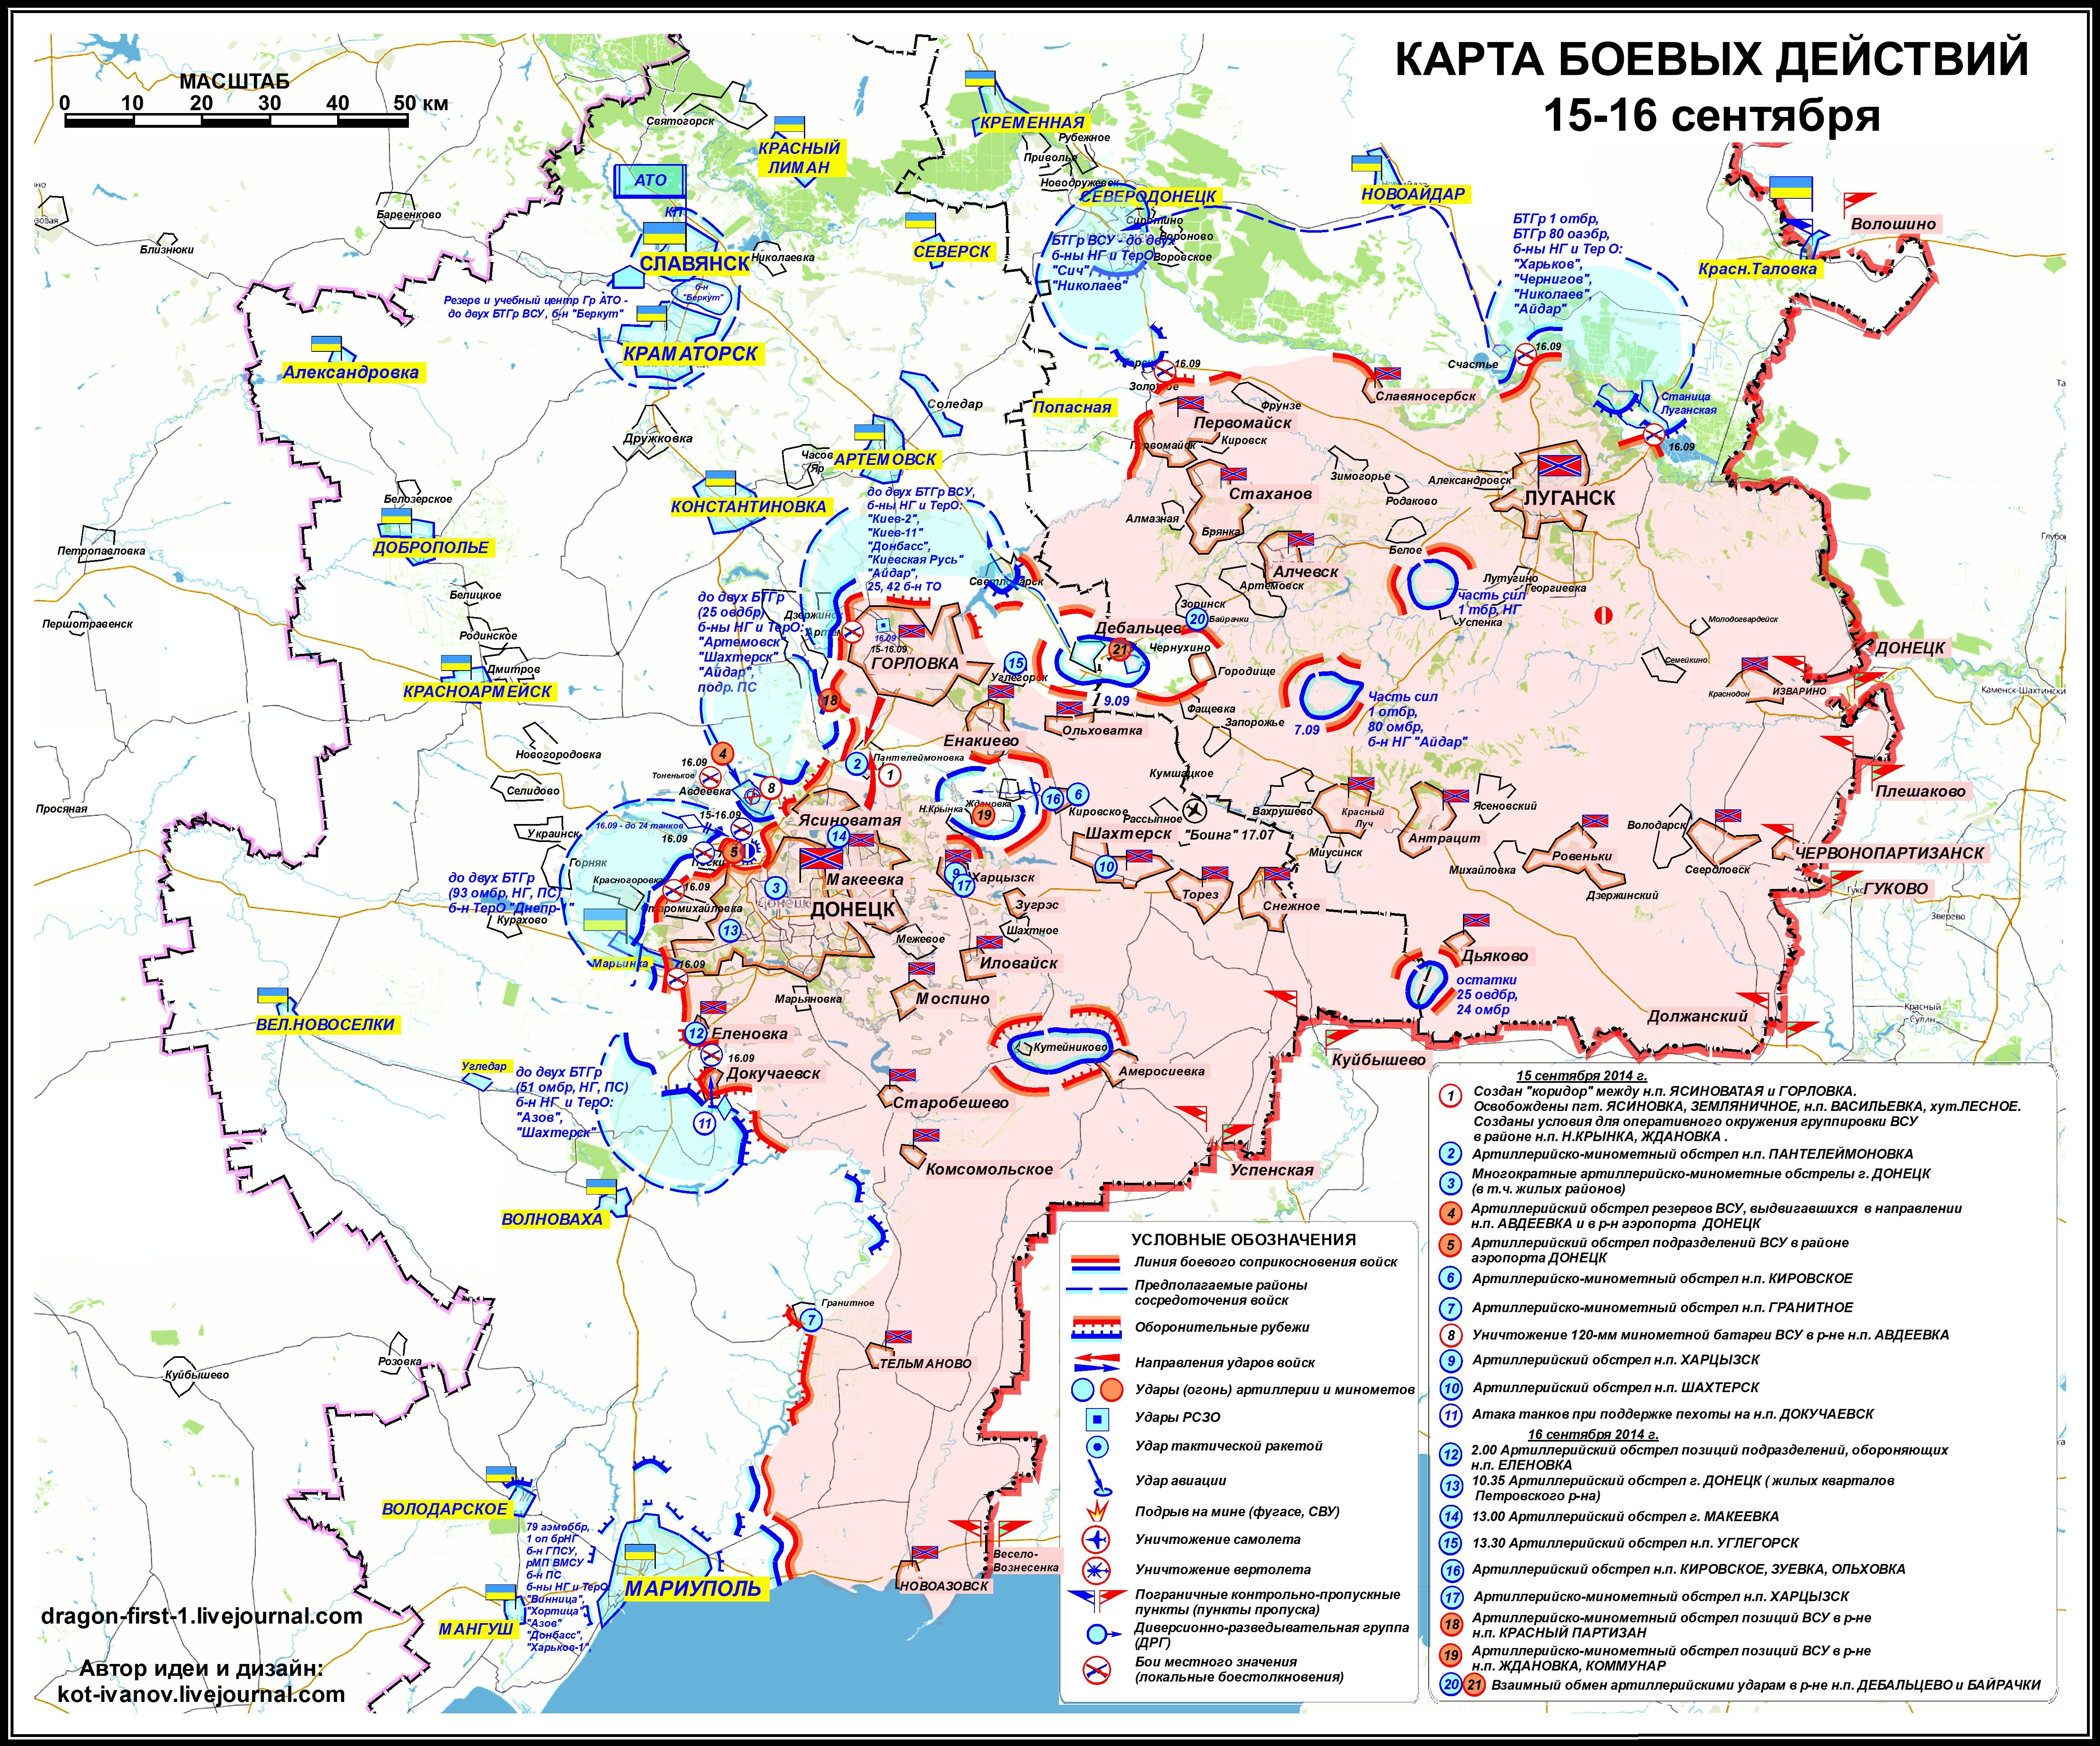 Aktuelle Lage in der Ostukraine (23. November)